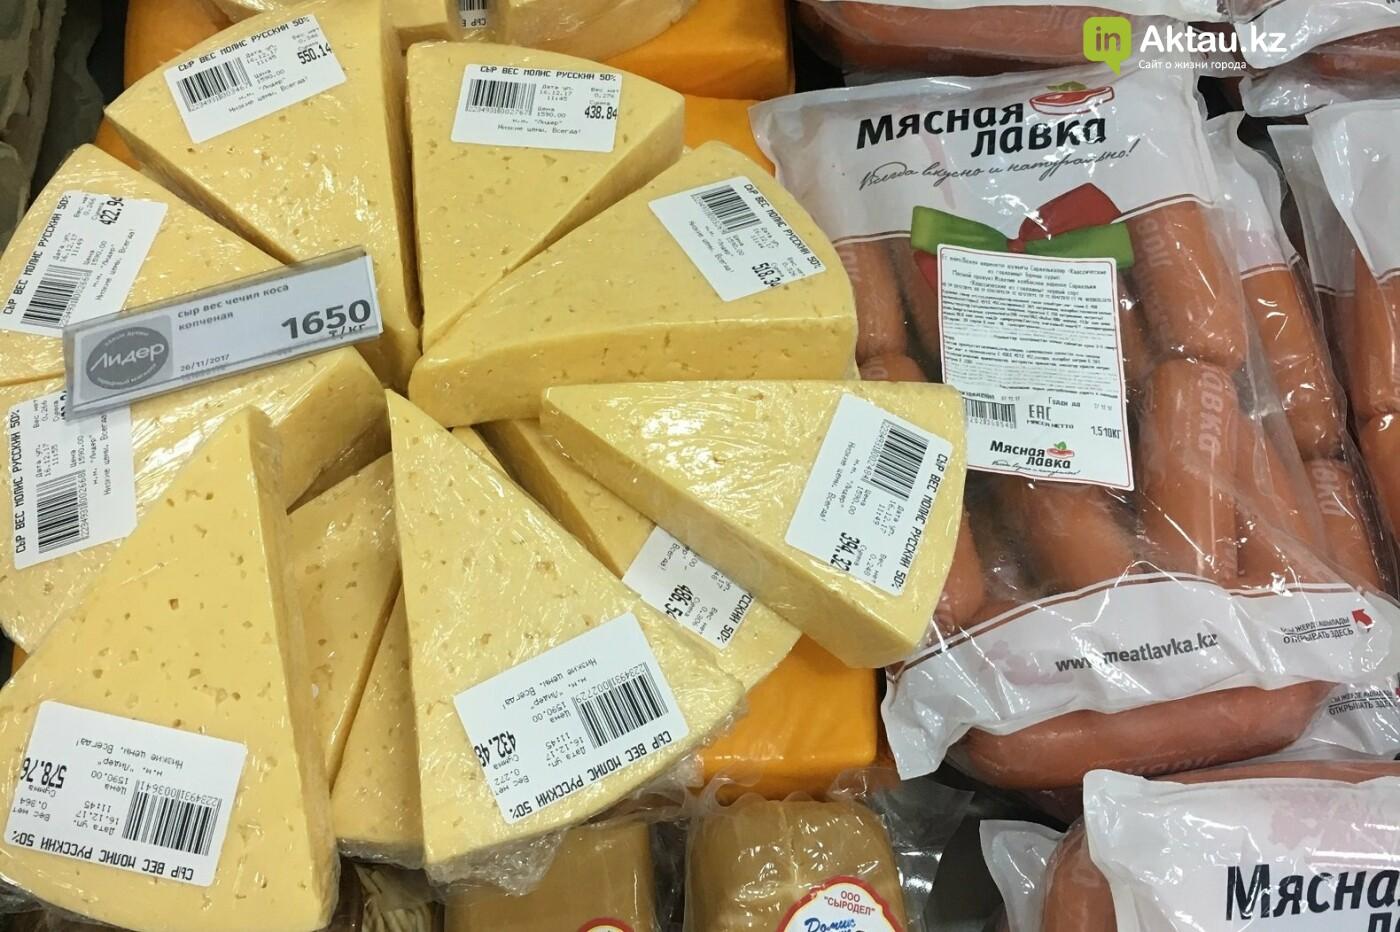 В какую сумму актаусцам обойдется минимальная продуктовая корзина к Новогоднему столу подсчитали корреспонденты ИнАктау, фото-10